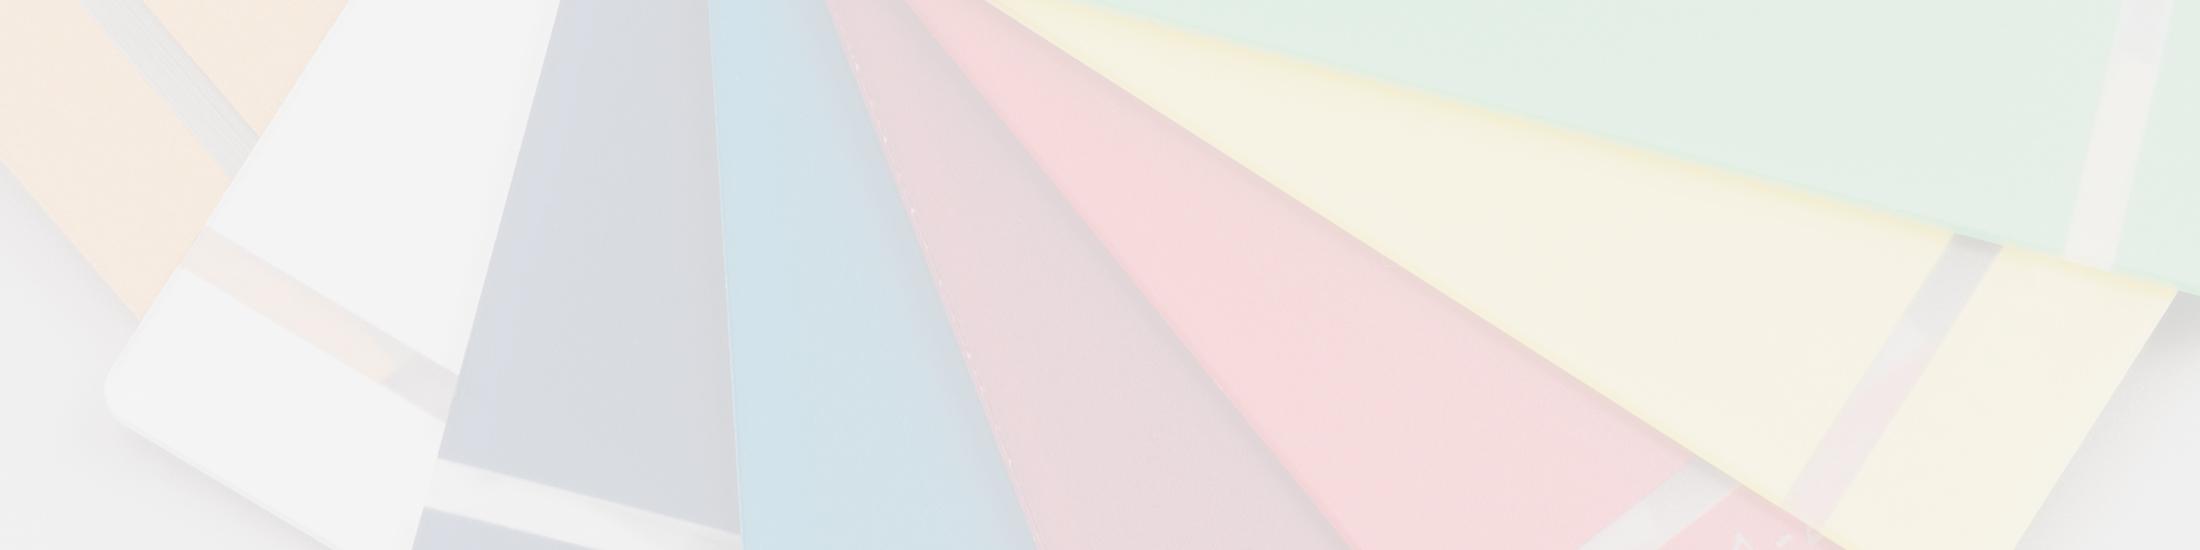 transparentes Acryl für den Laser Trolase Reverse